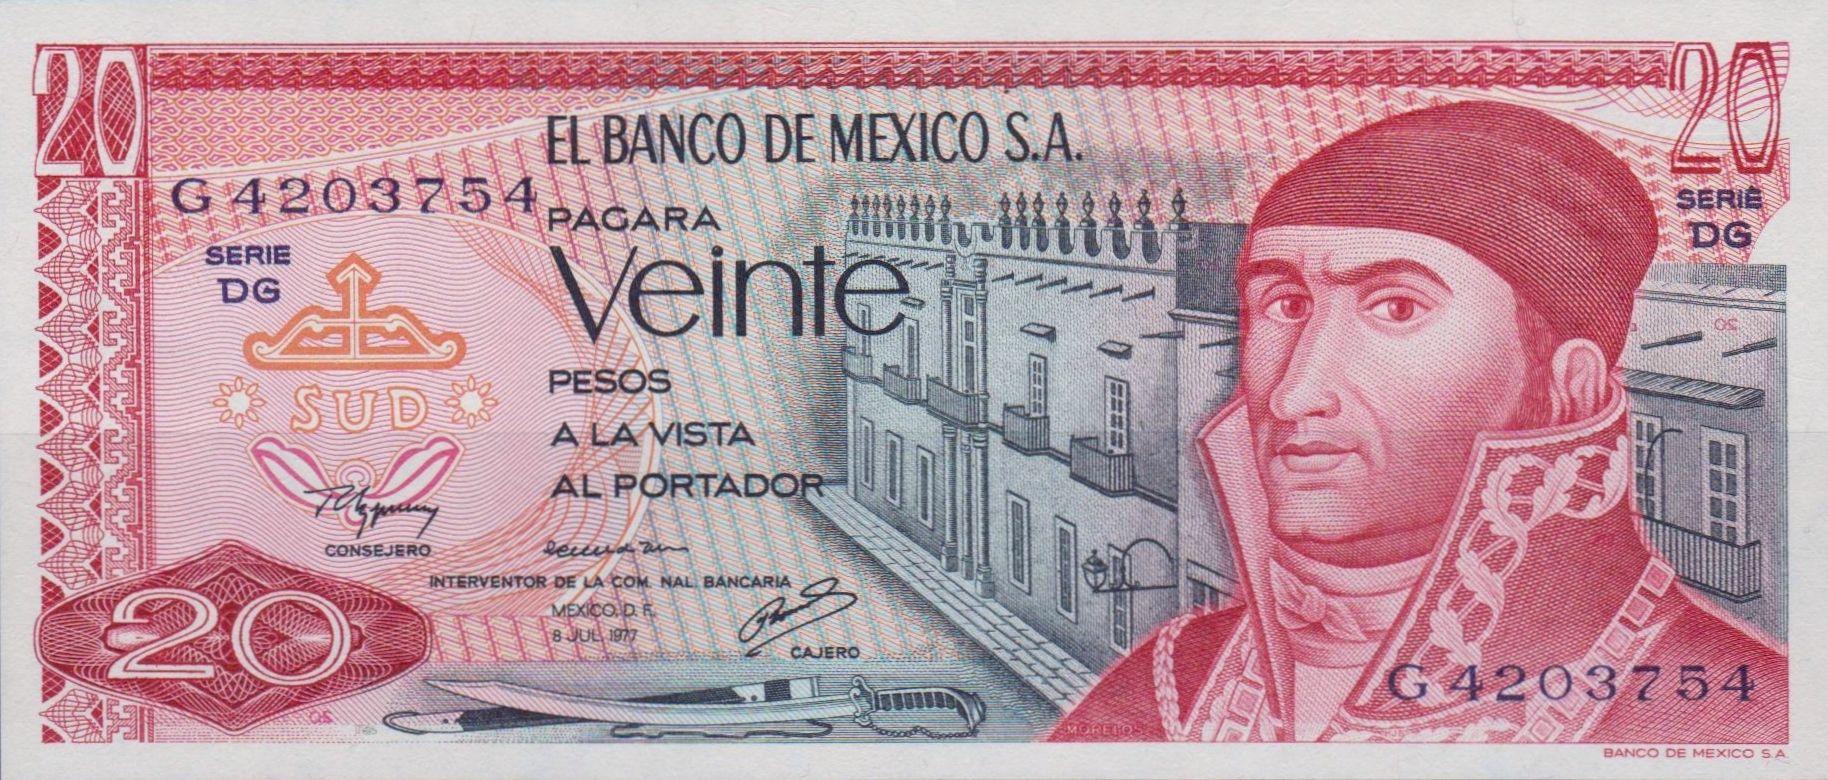 Mexico 20 Pesos Banknote